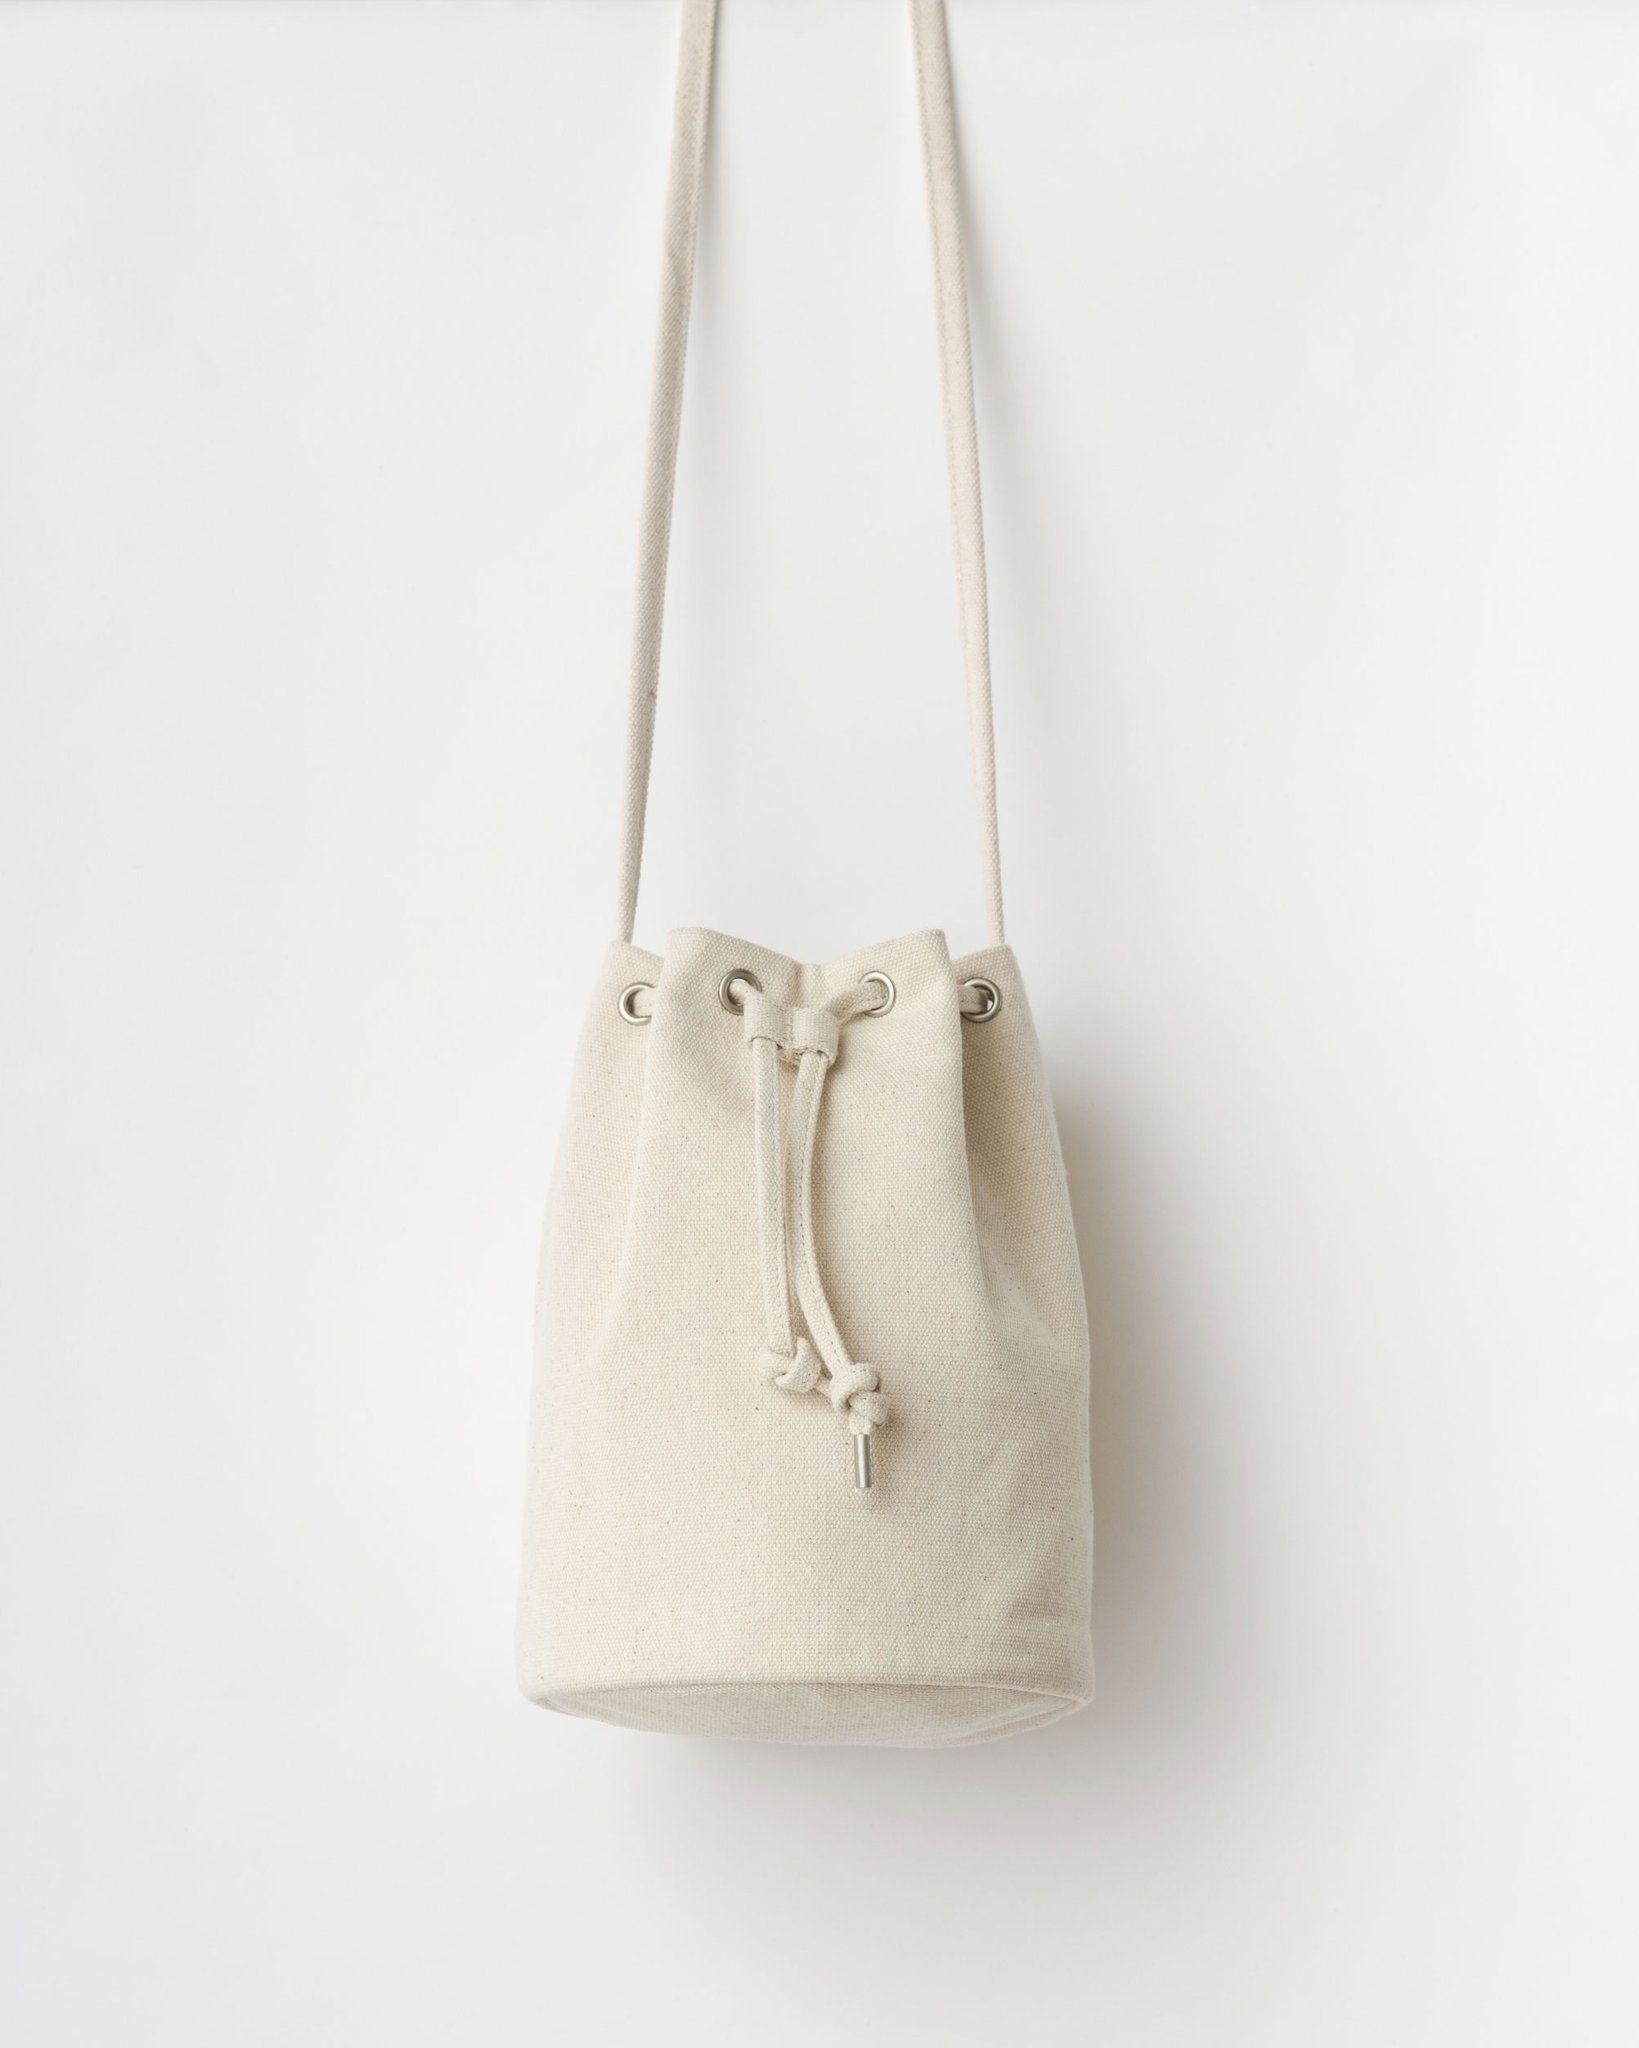 cad9b3767 Baggu Canvas Drawstring Purse - Natural | Products | Purse strap ...